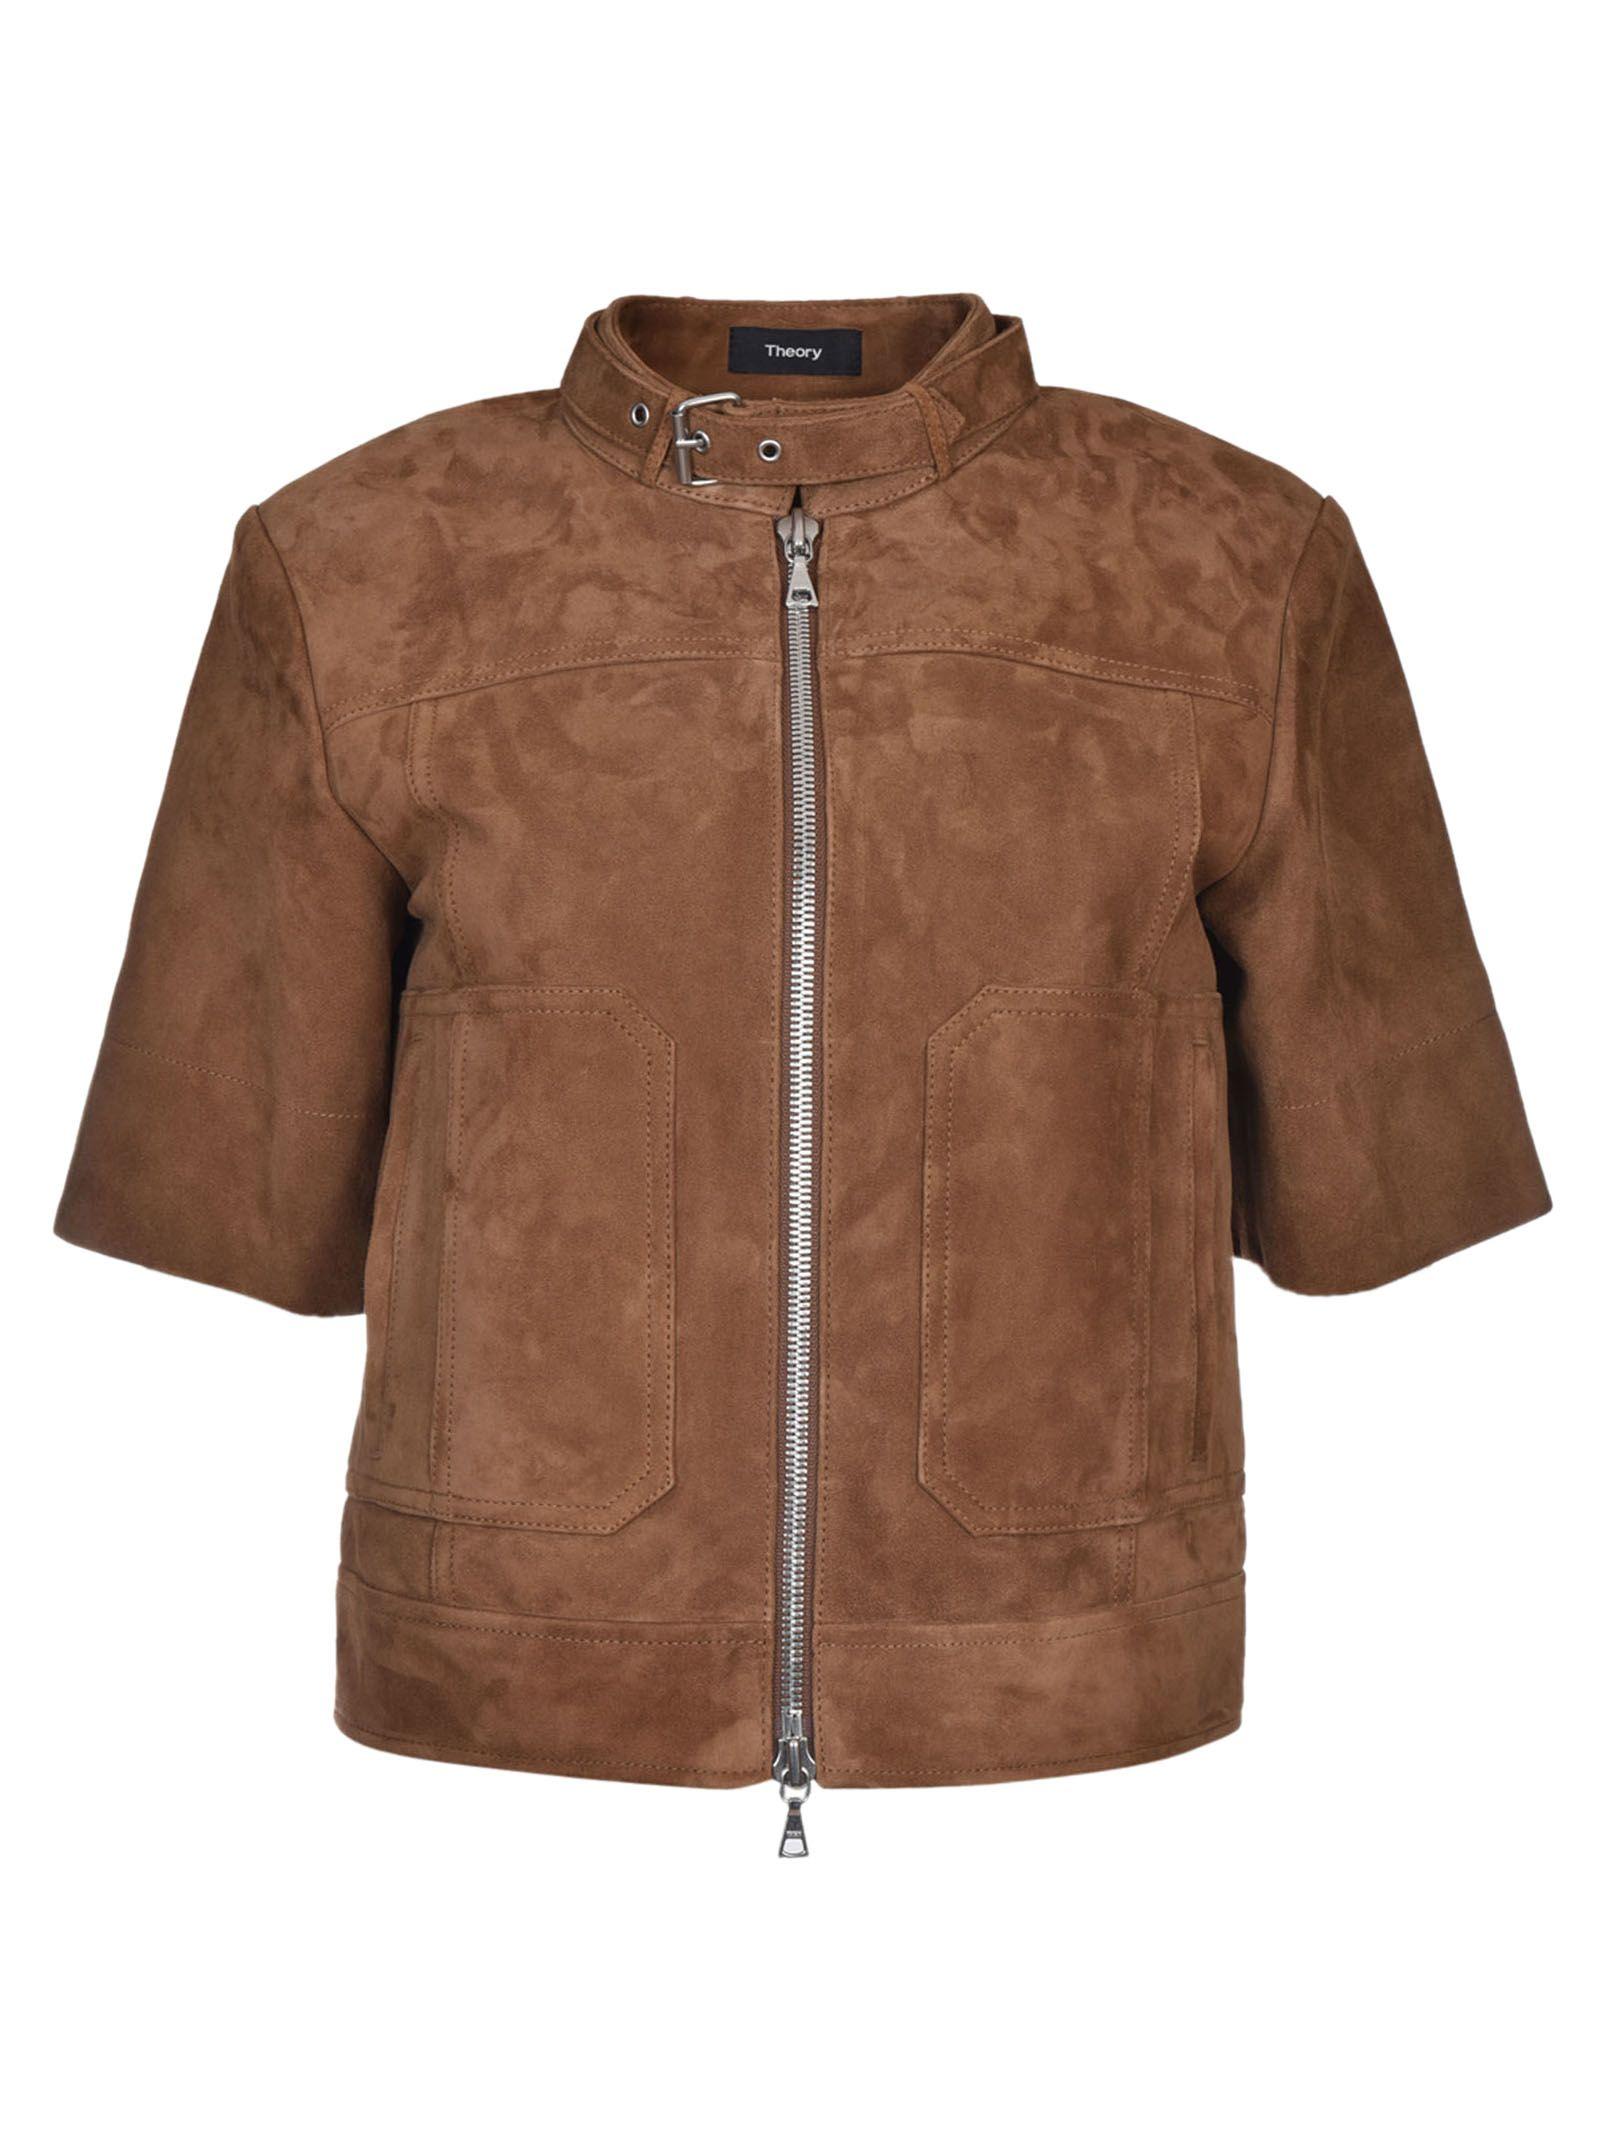 Theory Driftwood Biker Jacket